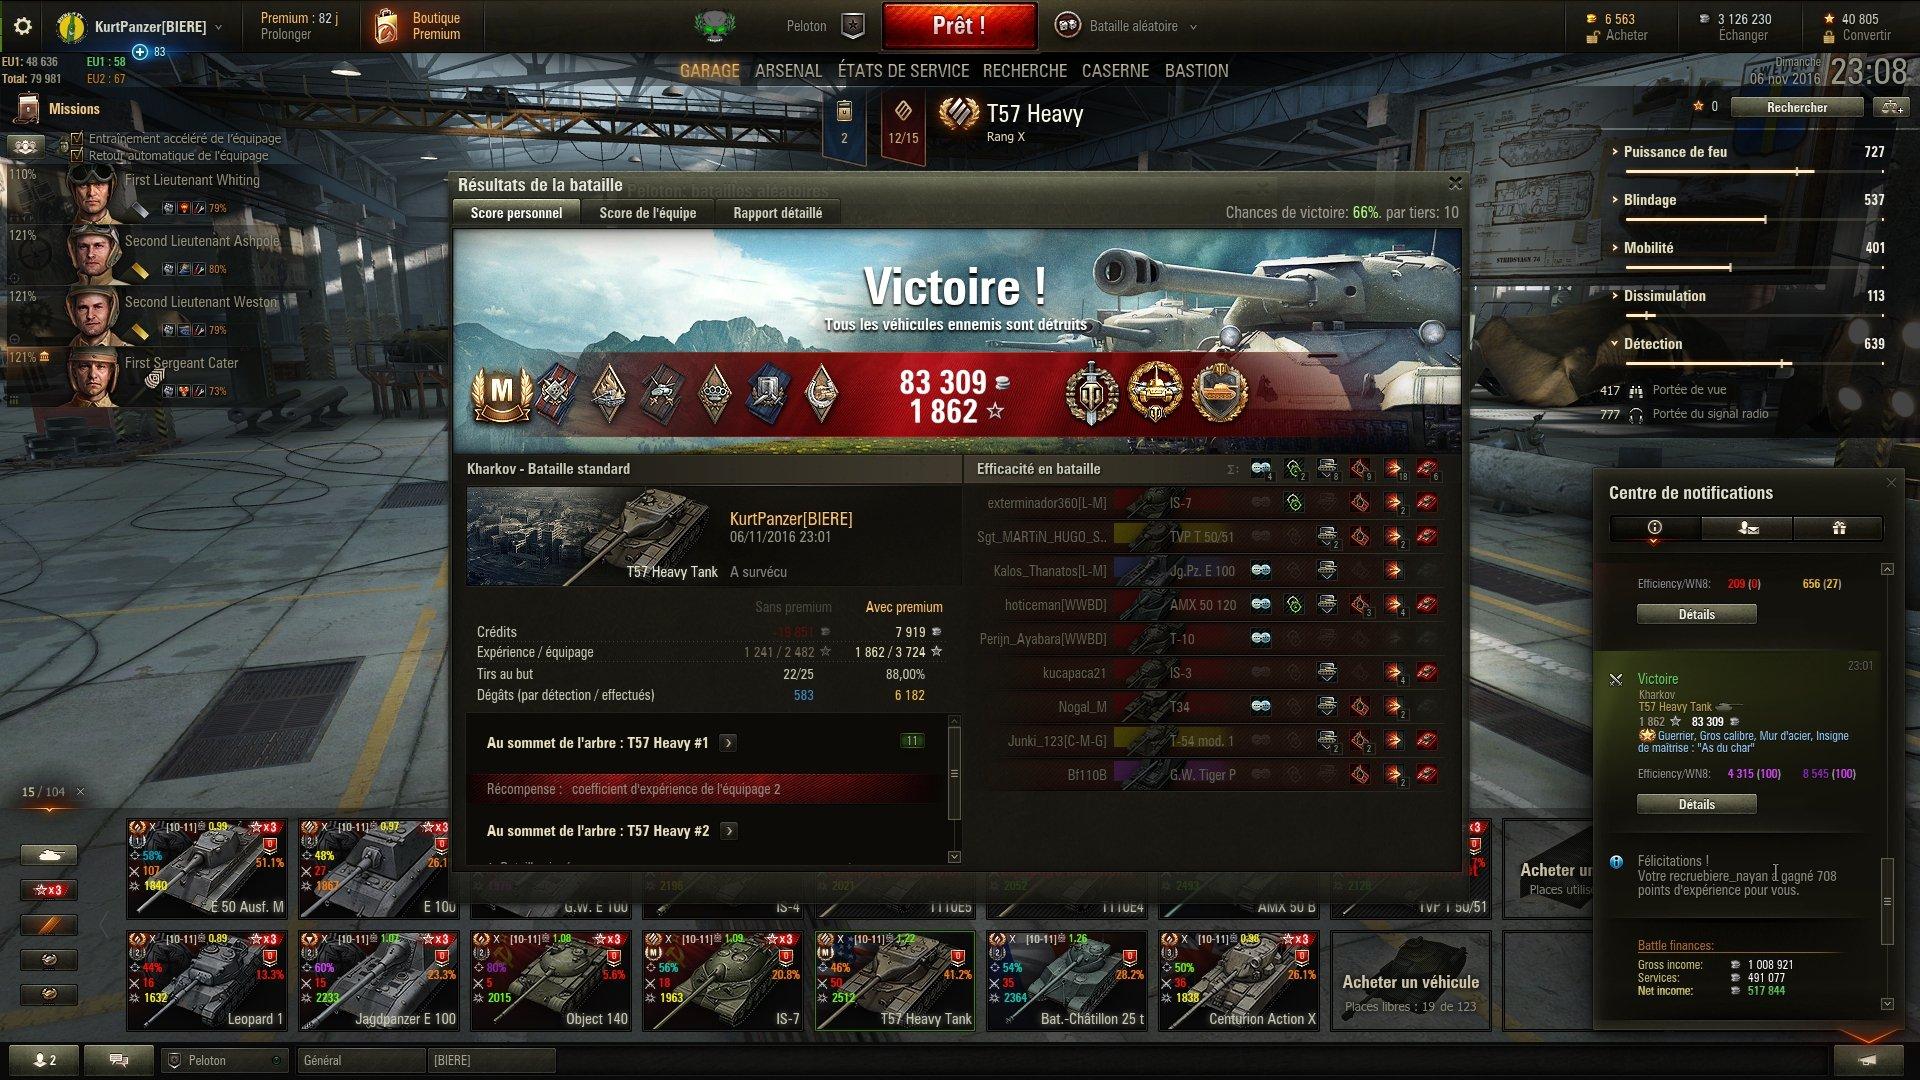 Screenshots et rapports de batailles - Page 12 5eaee8a9-76e6-4698-a813-98d27f33391c